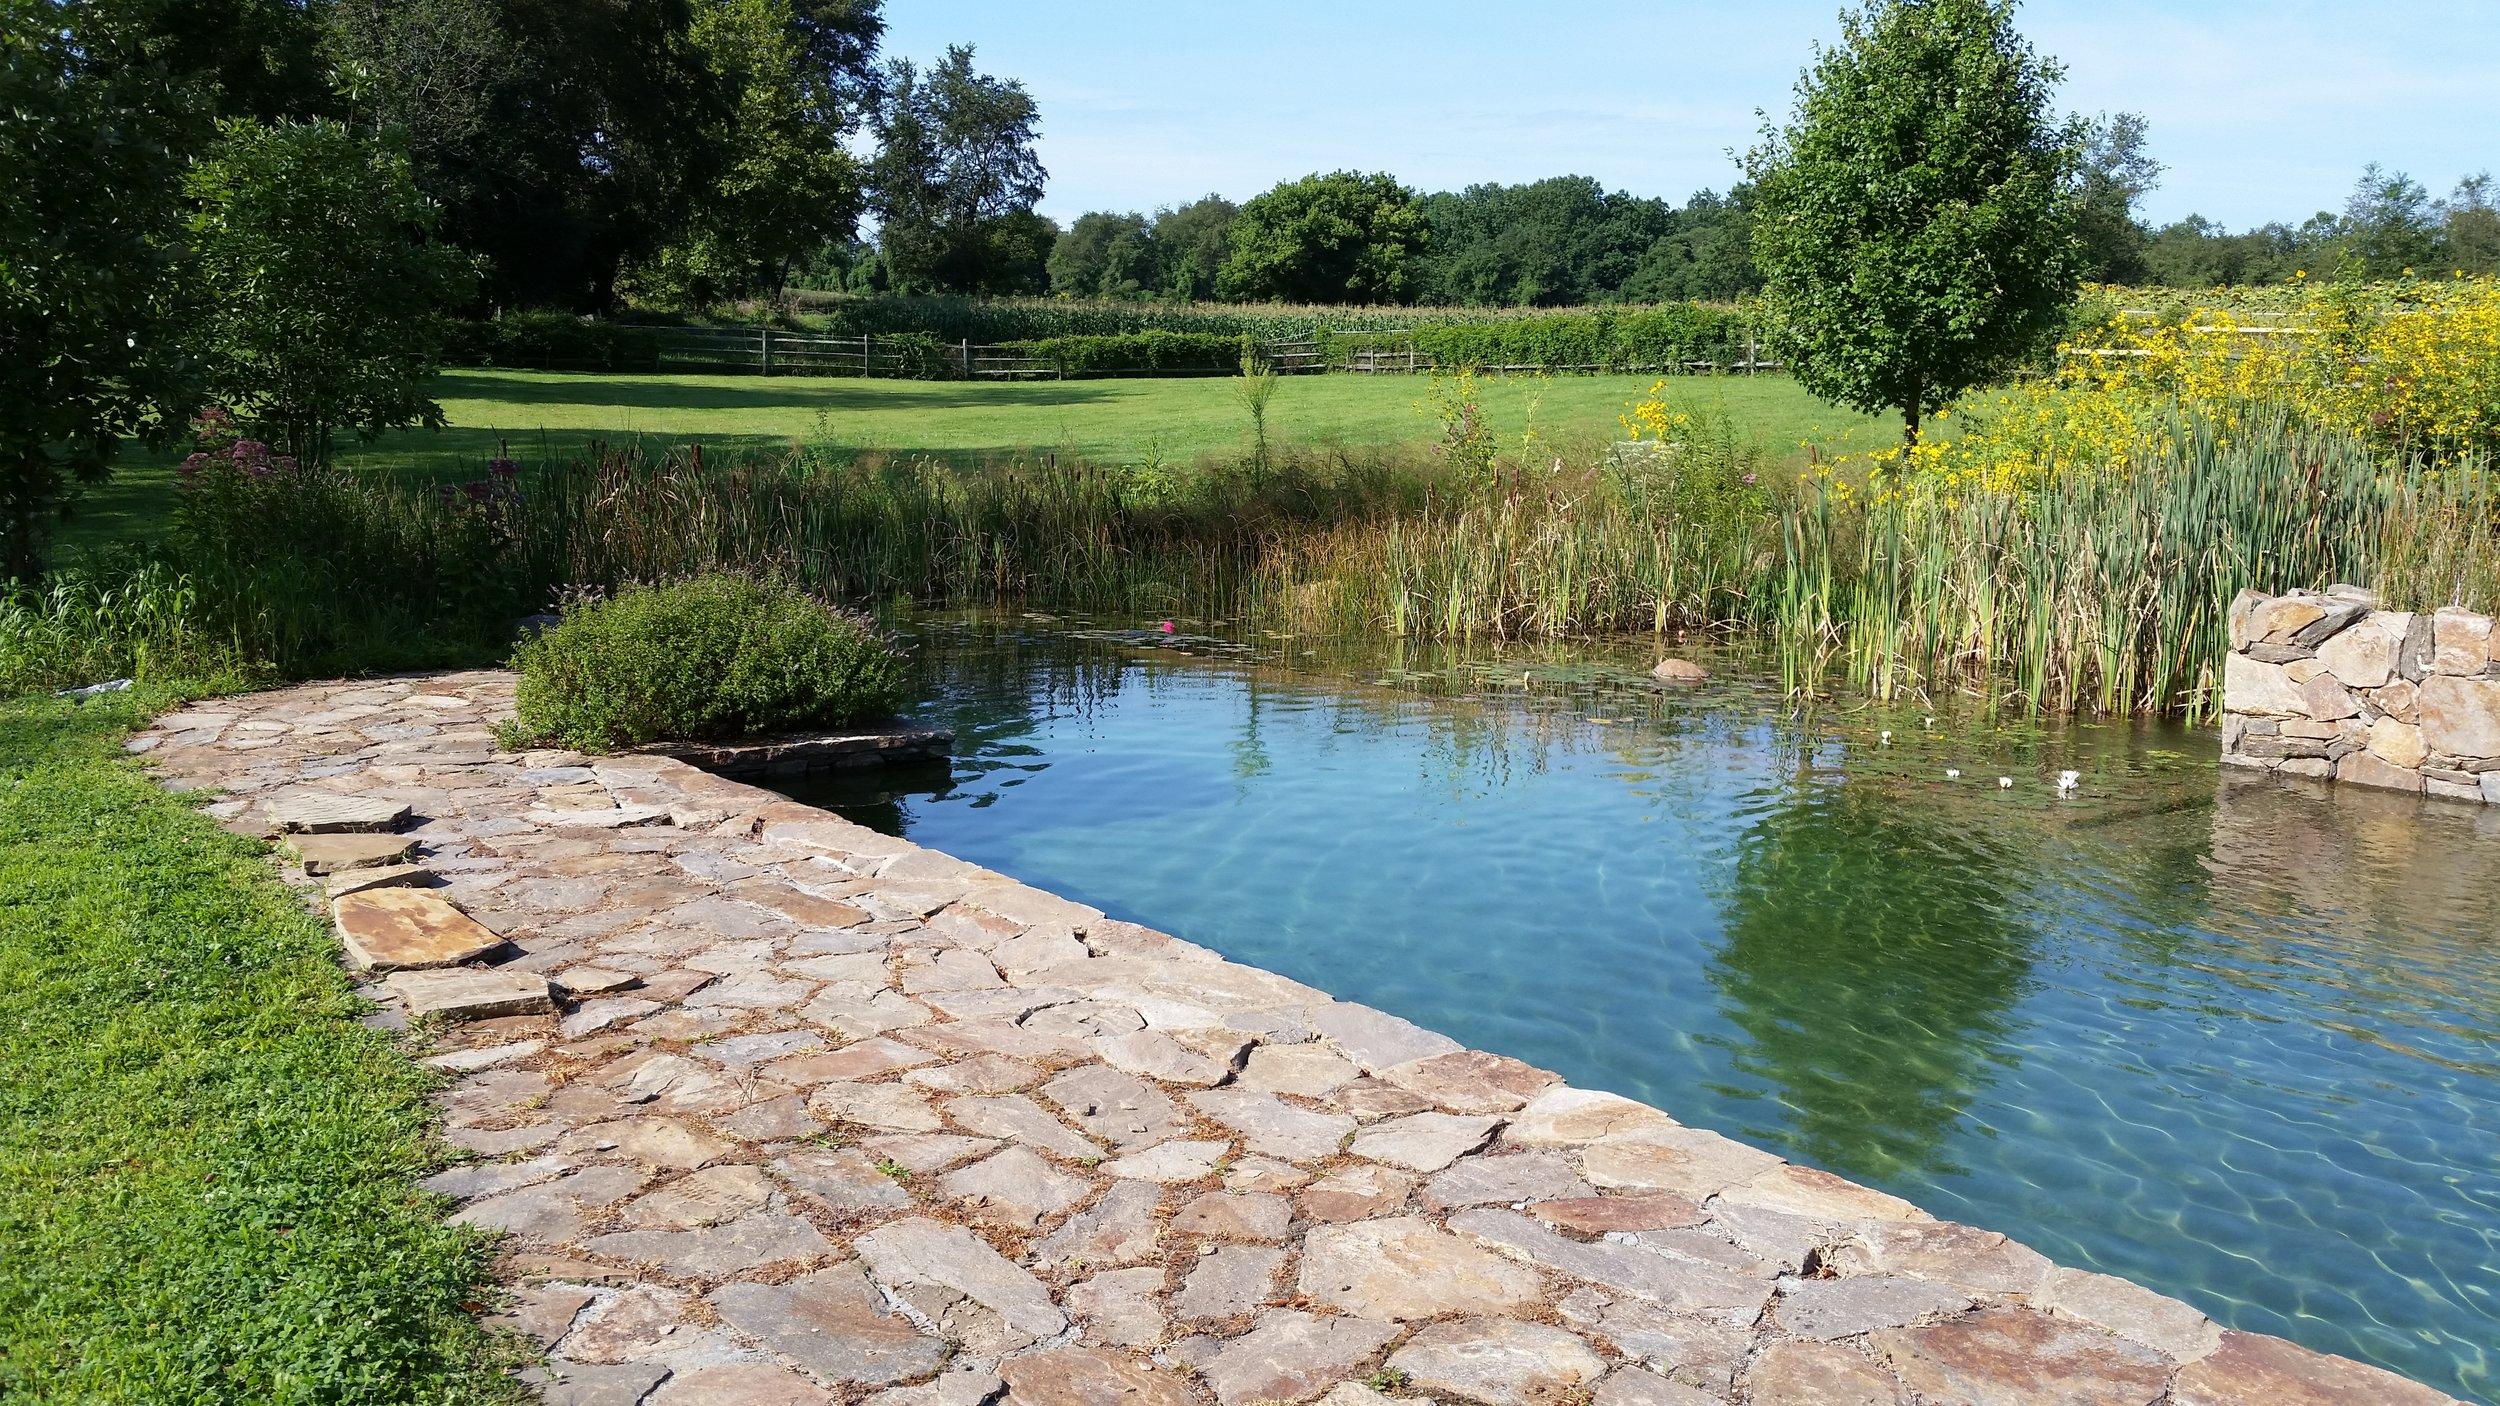 Pondworks_natural swimming pool_nsp_01.jpg